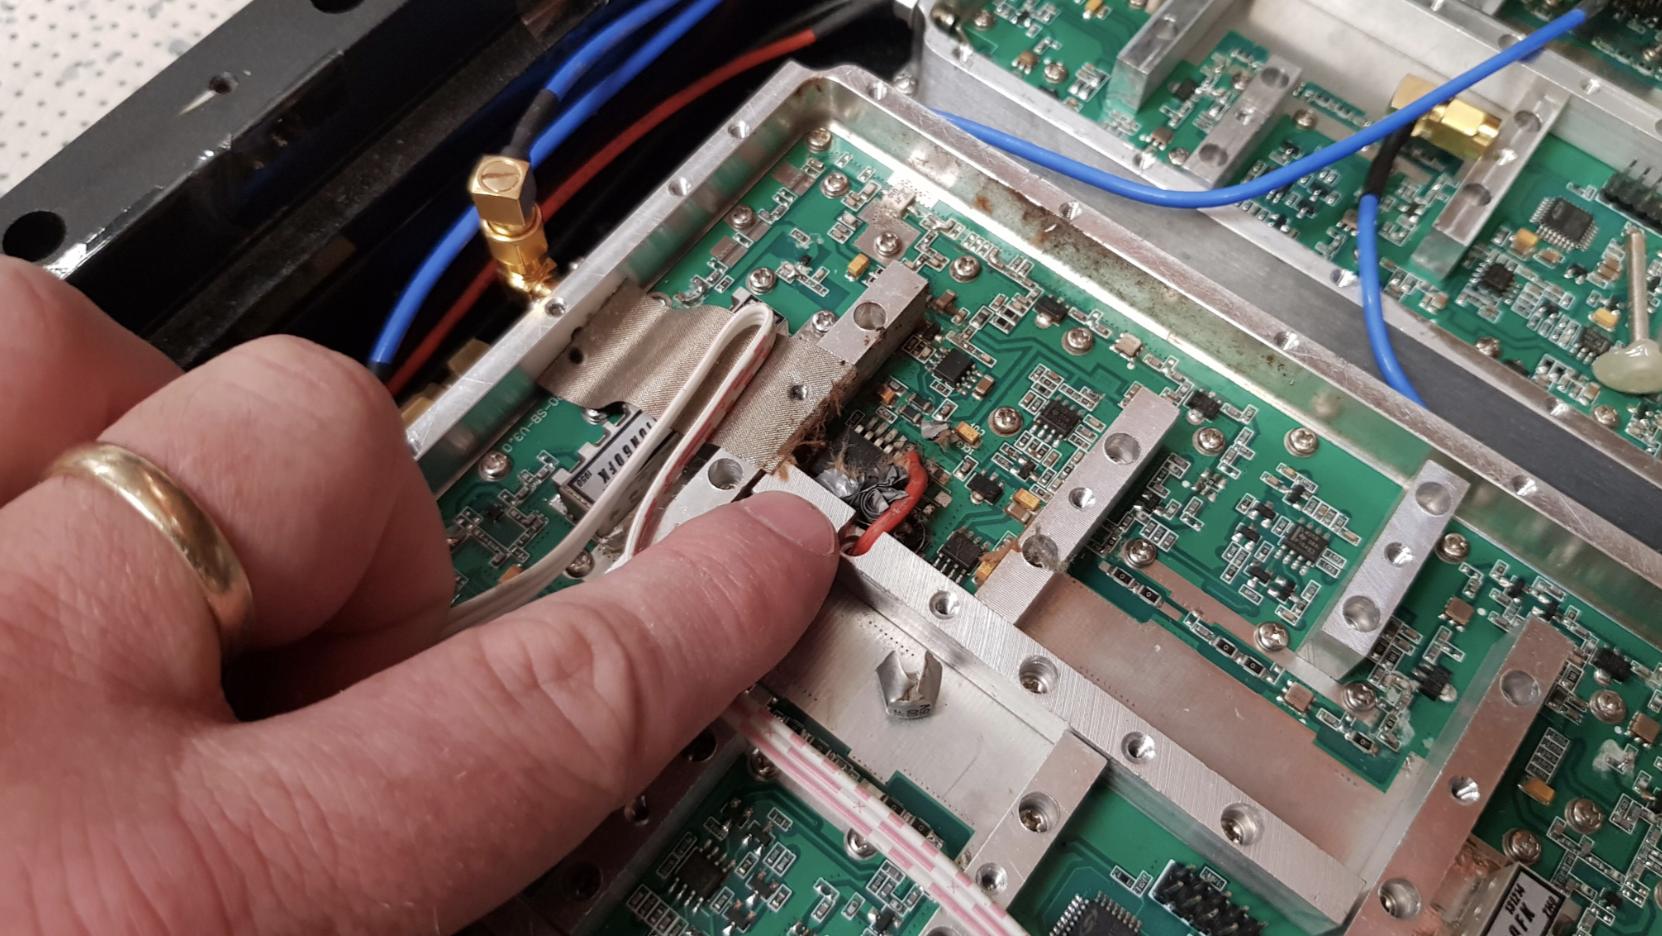 Composant défectueux dans un amplificateur illégal